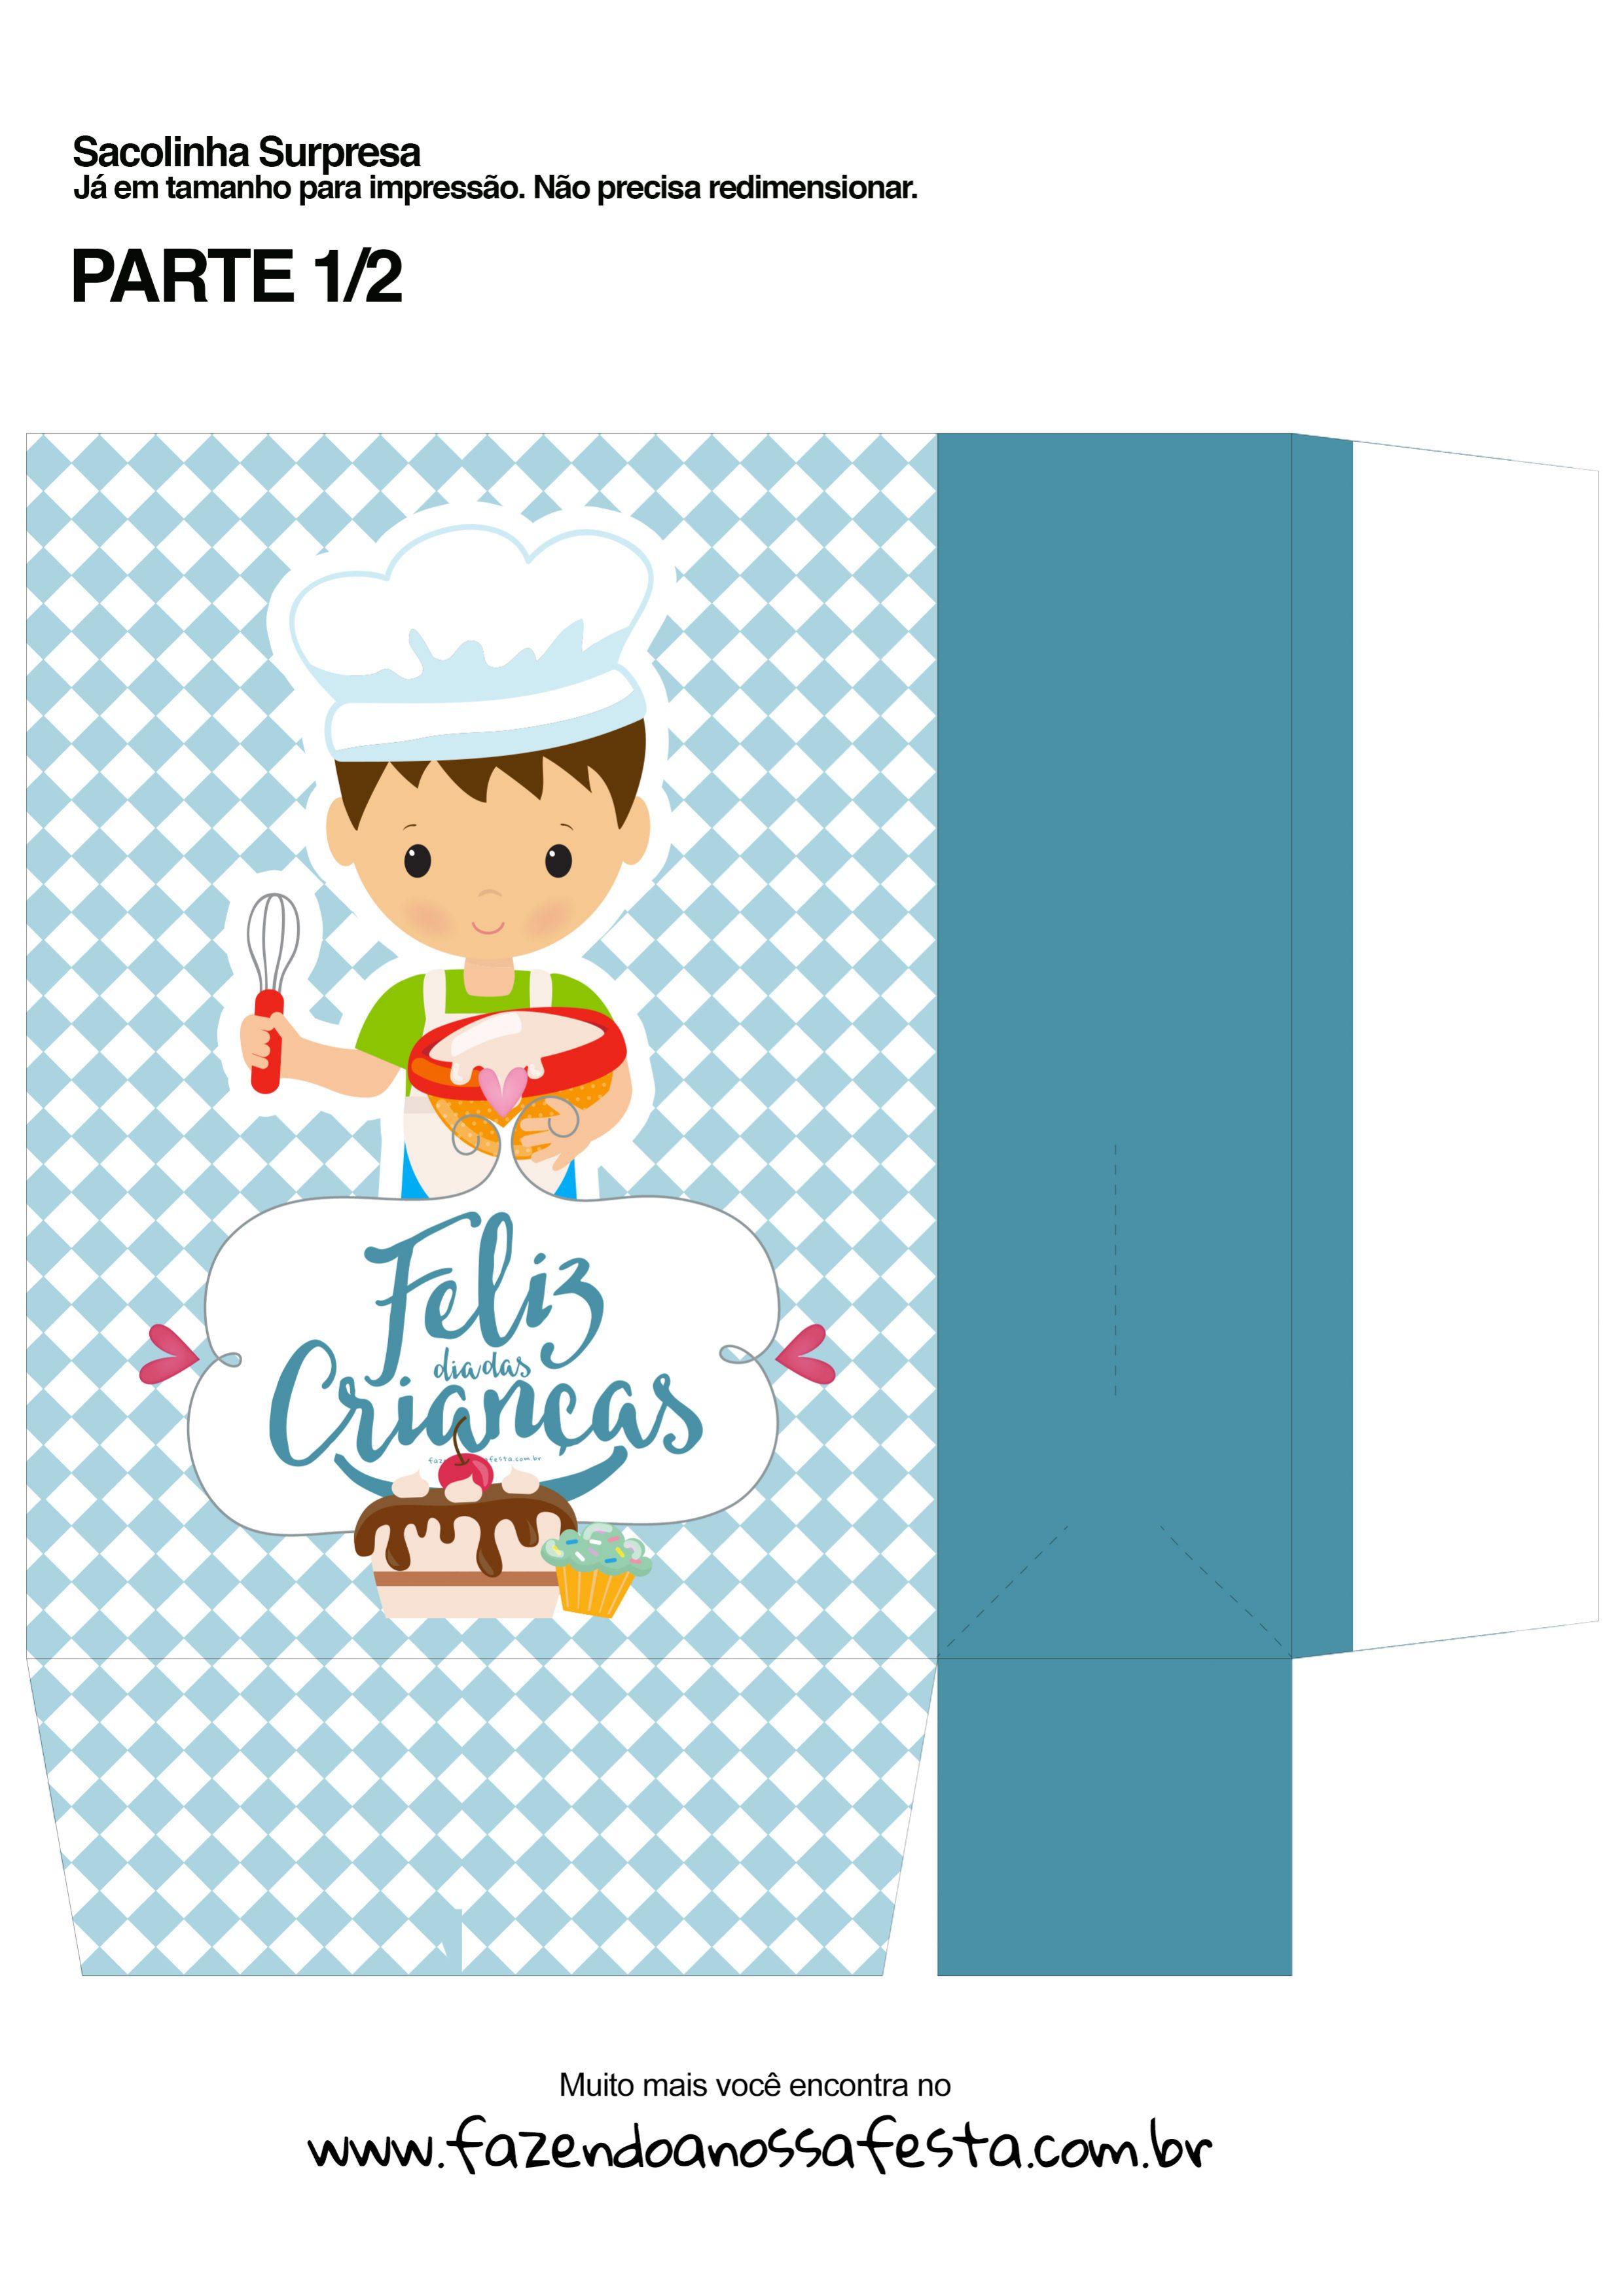 Sacolinha Surpresa Dia das Crianças Cozinheiro - parte 1